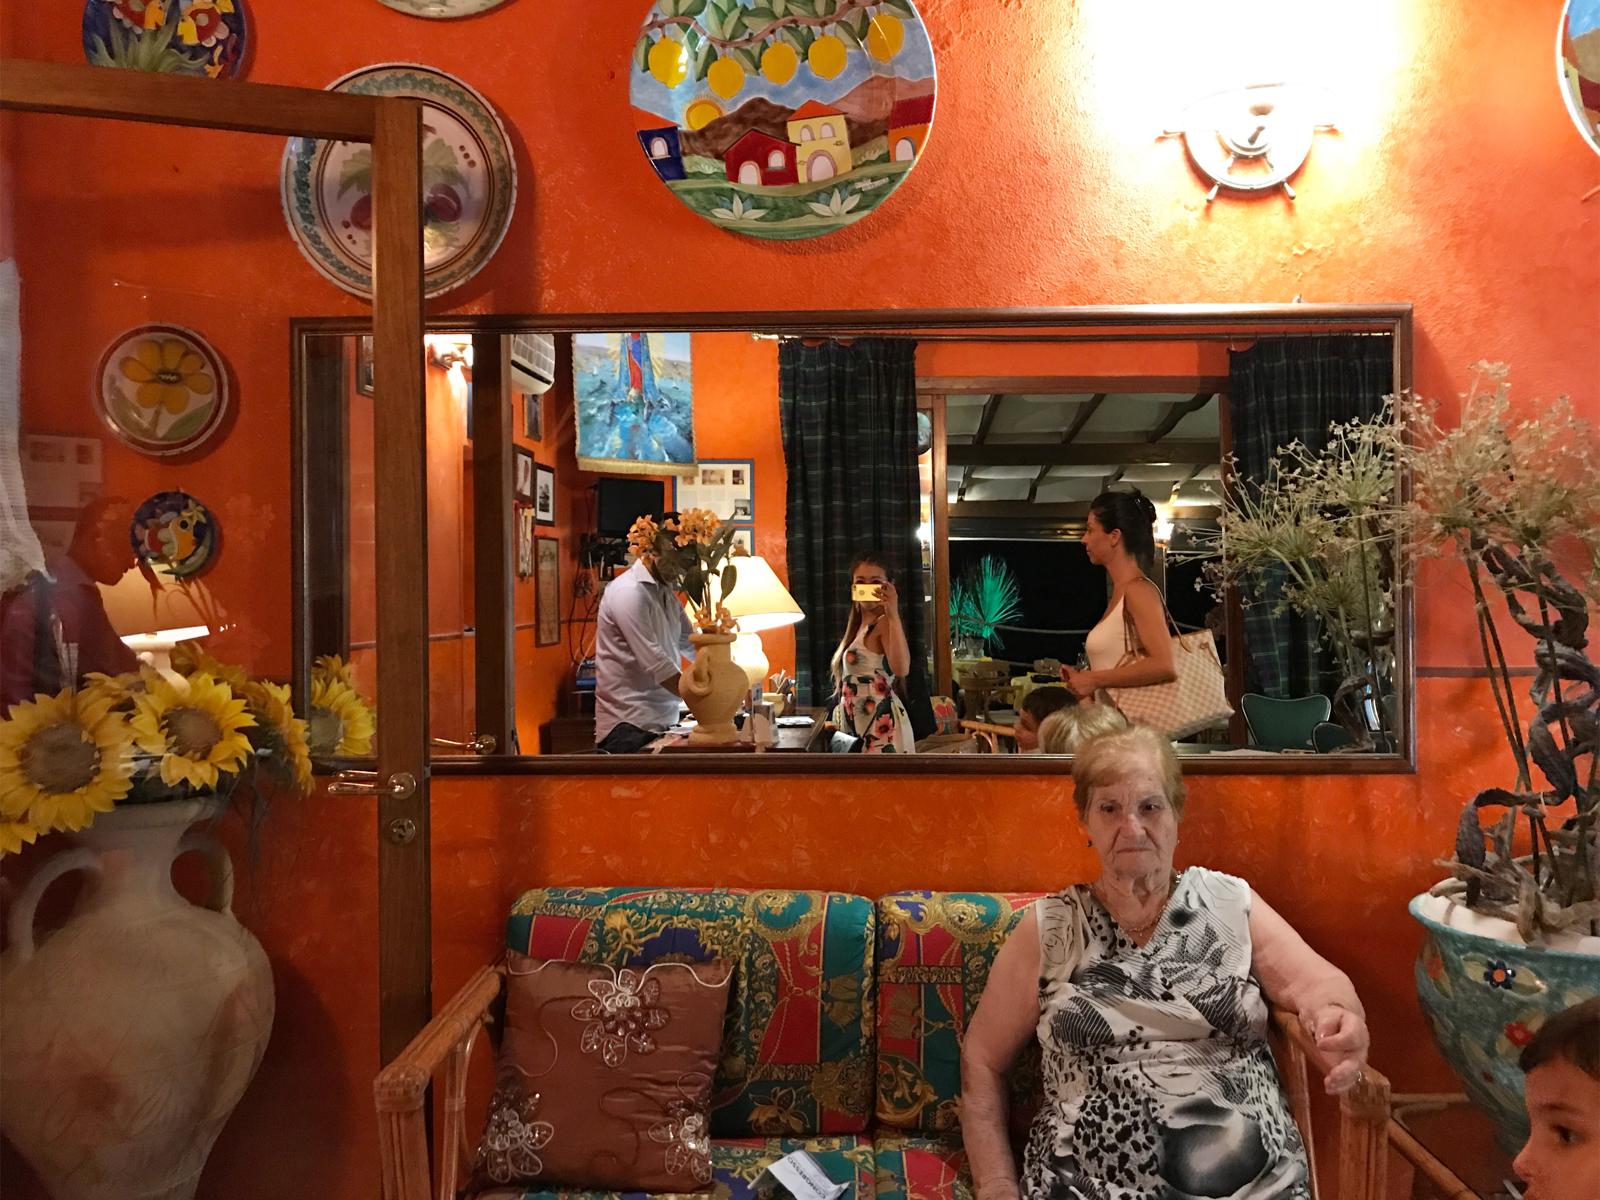 【ランペドゥーザ島】ローマ通りのショッピングと本当に美味しいレストラン紹介【イタリア】